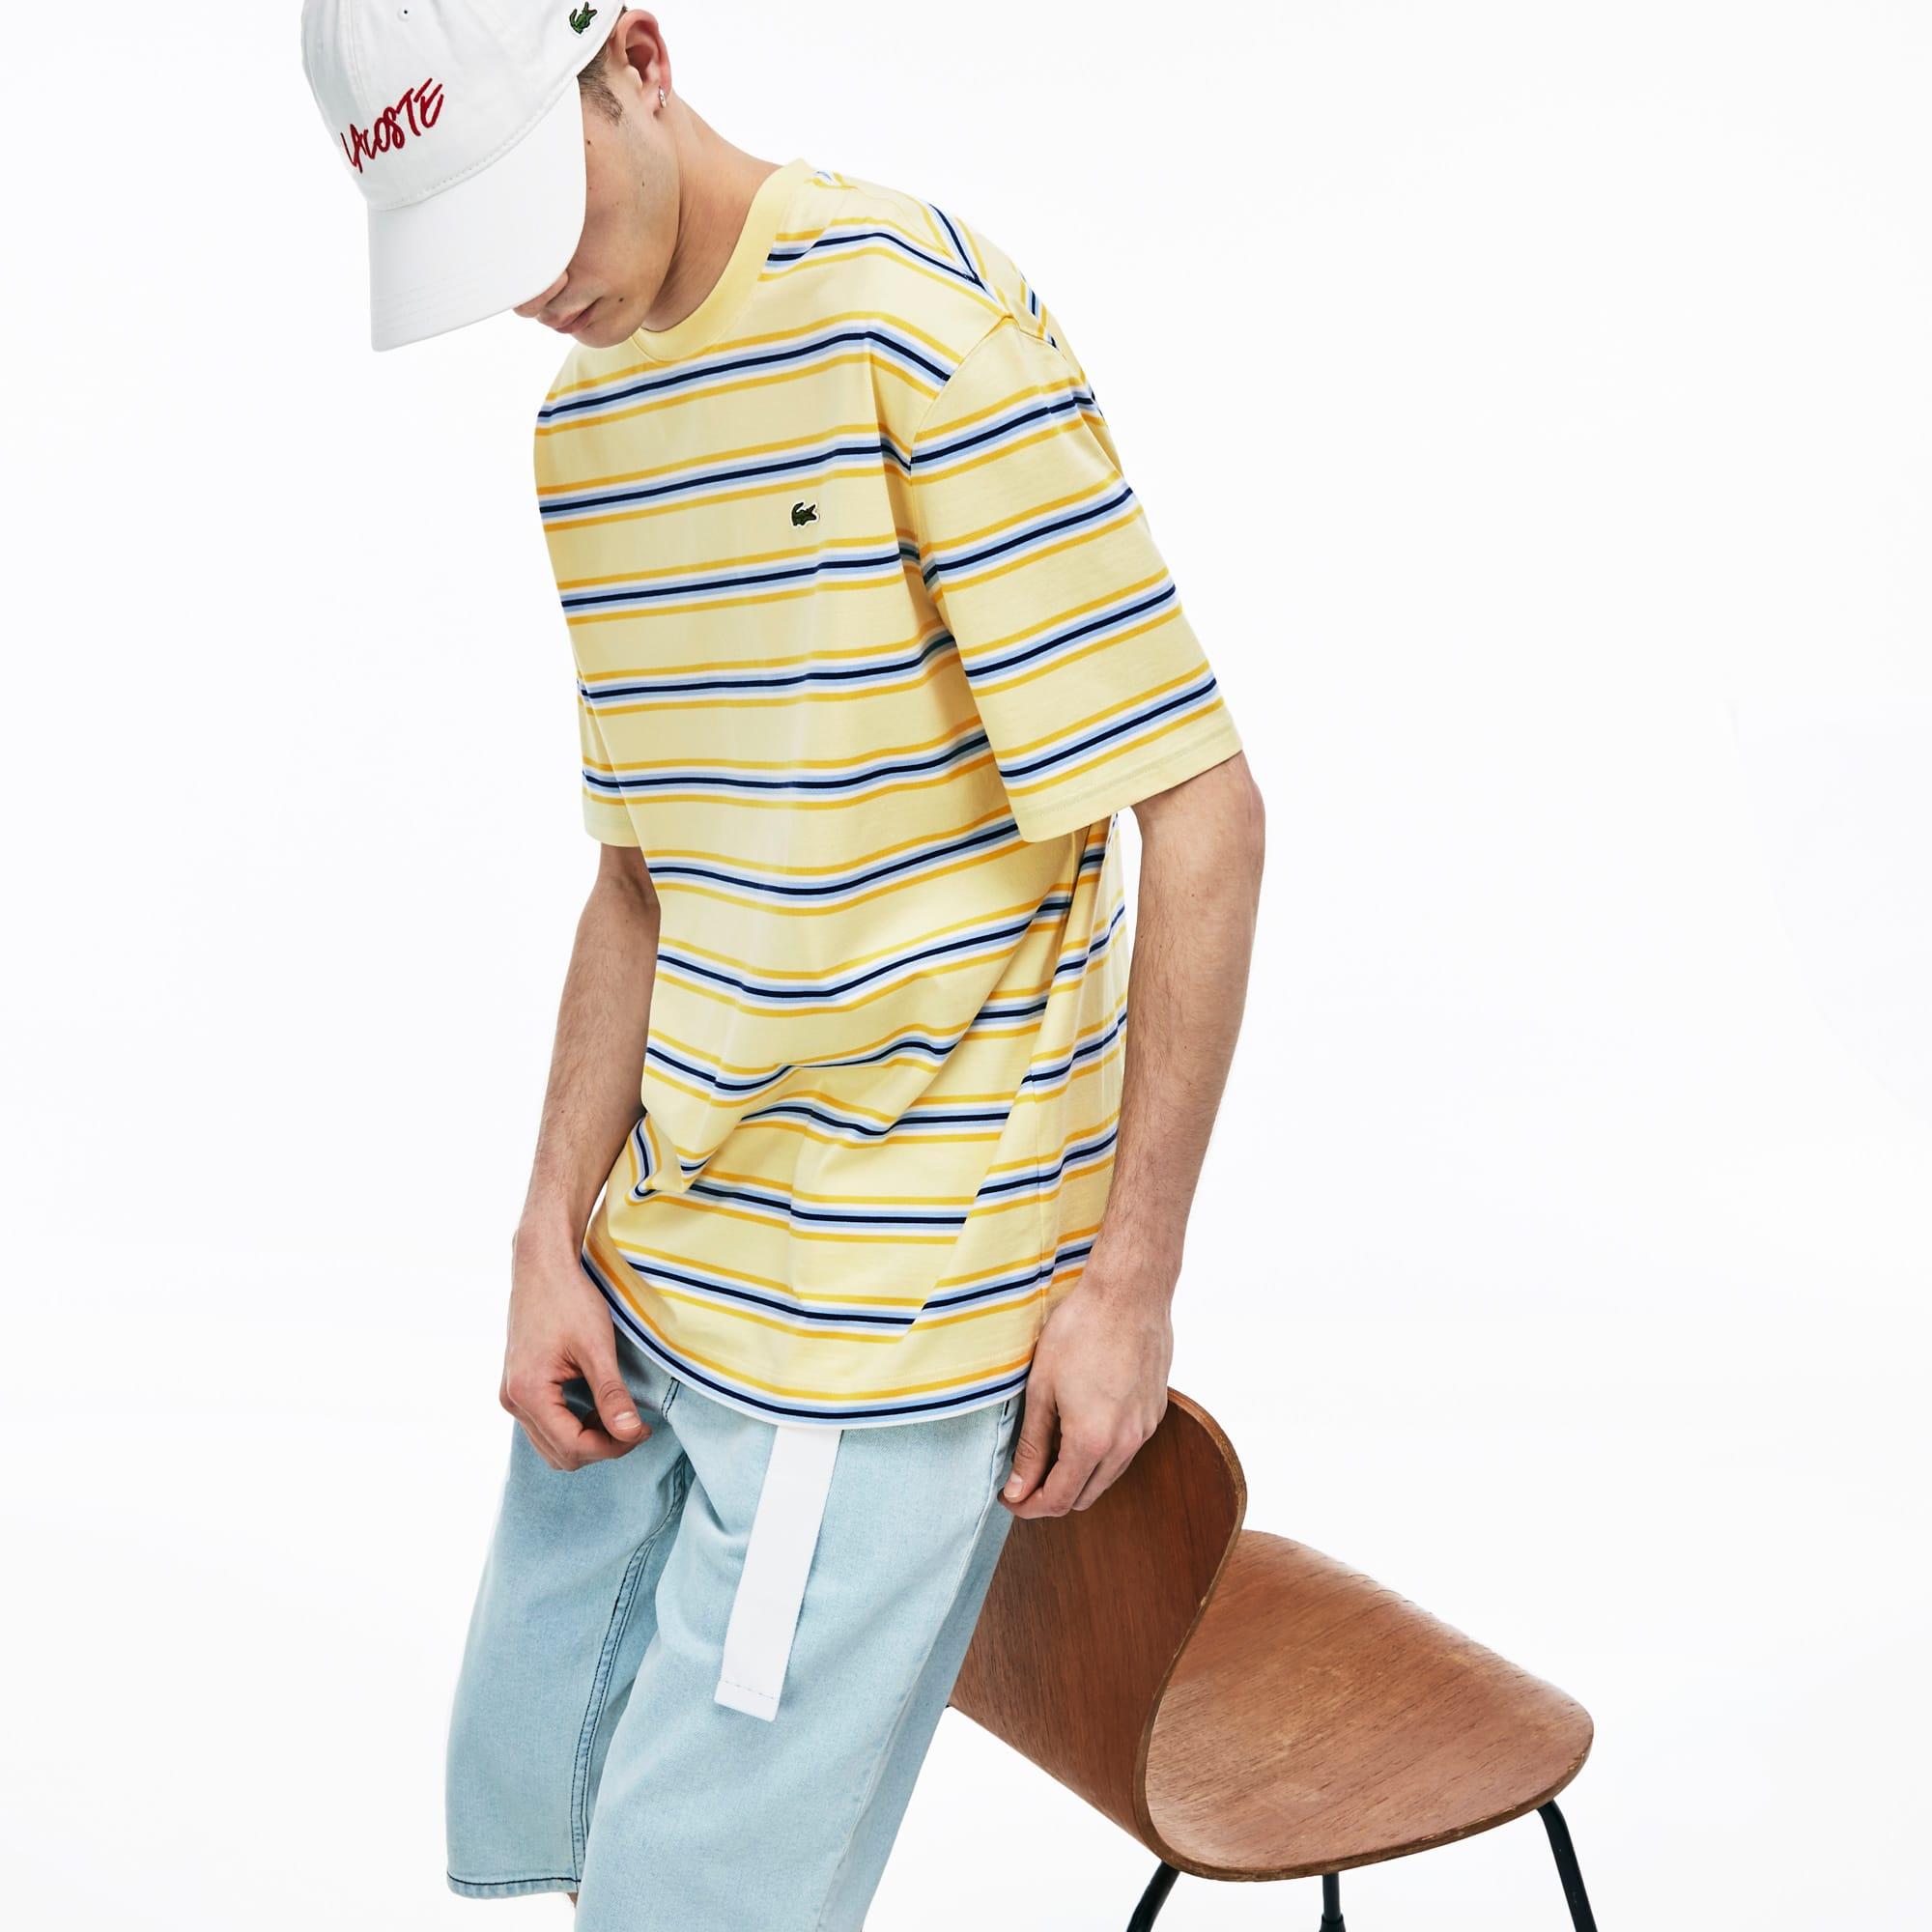 793386045b Men's Lacoste LIVE Crew Neck Rainbow Striped Cotton T-shirt